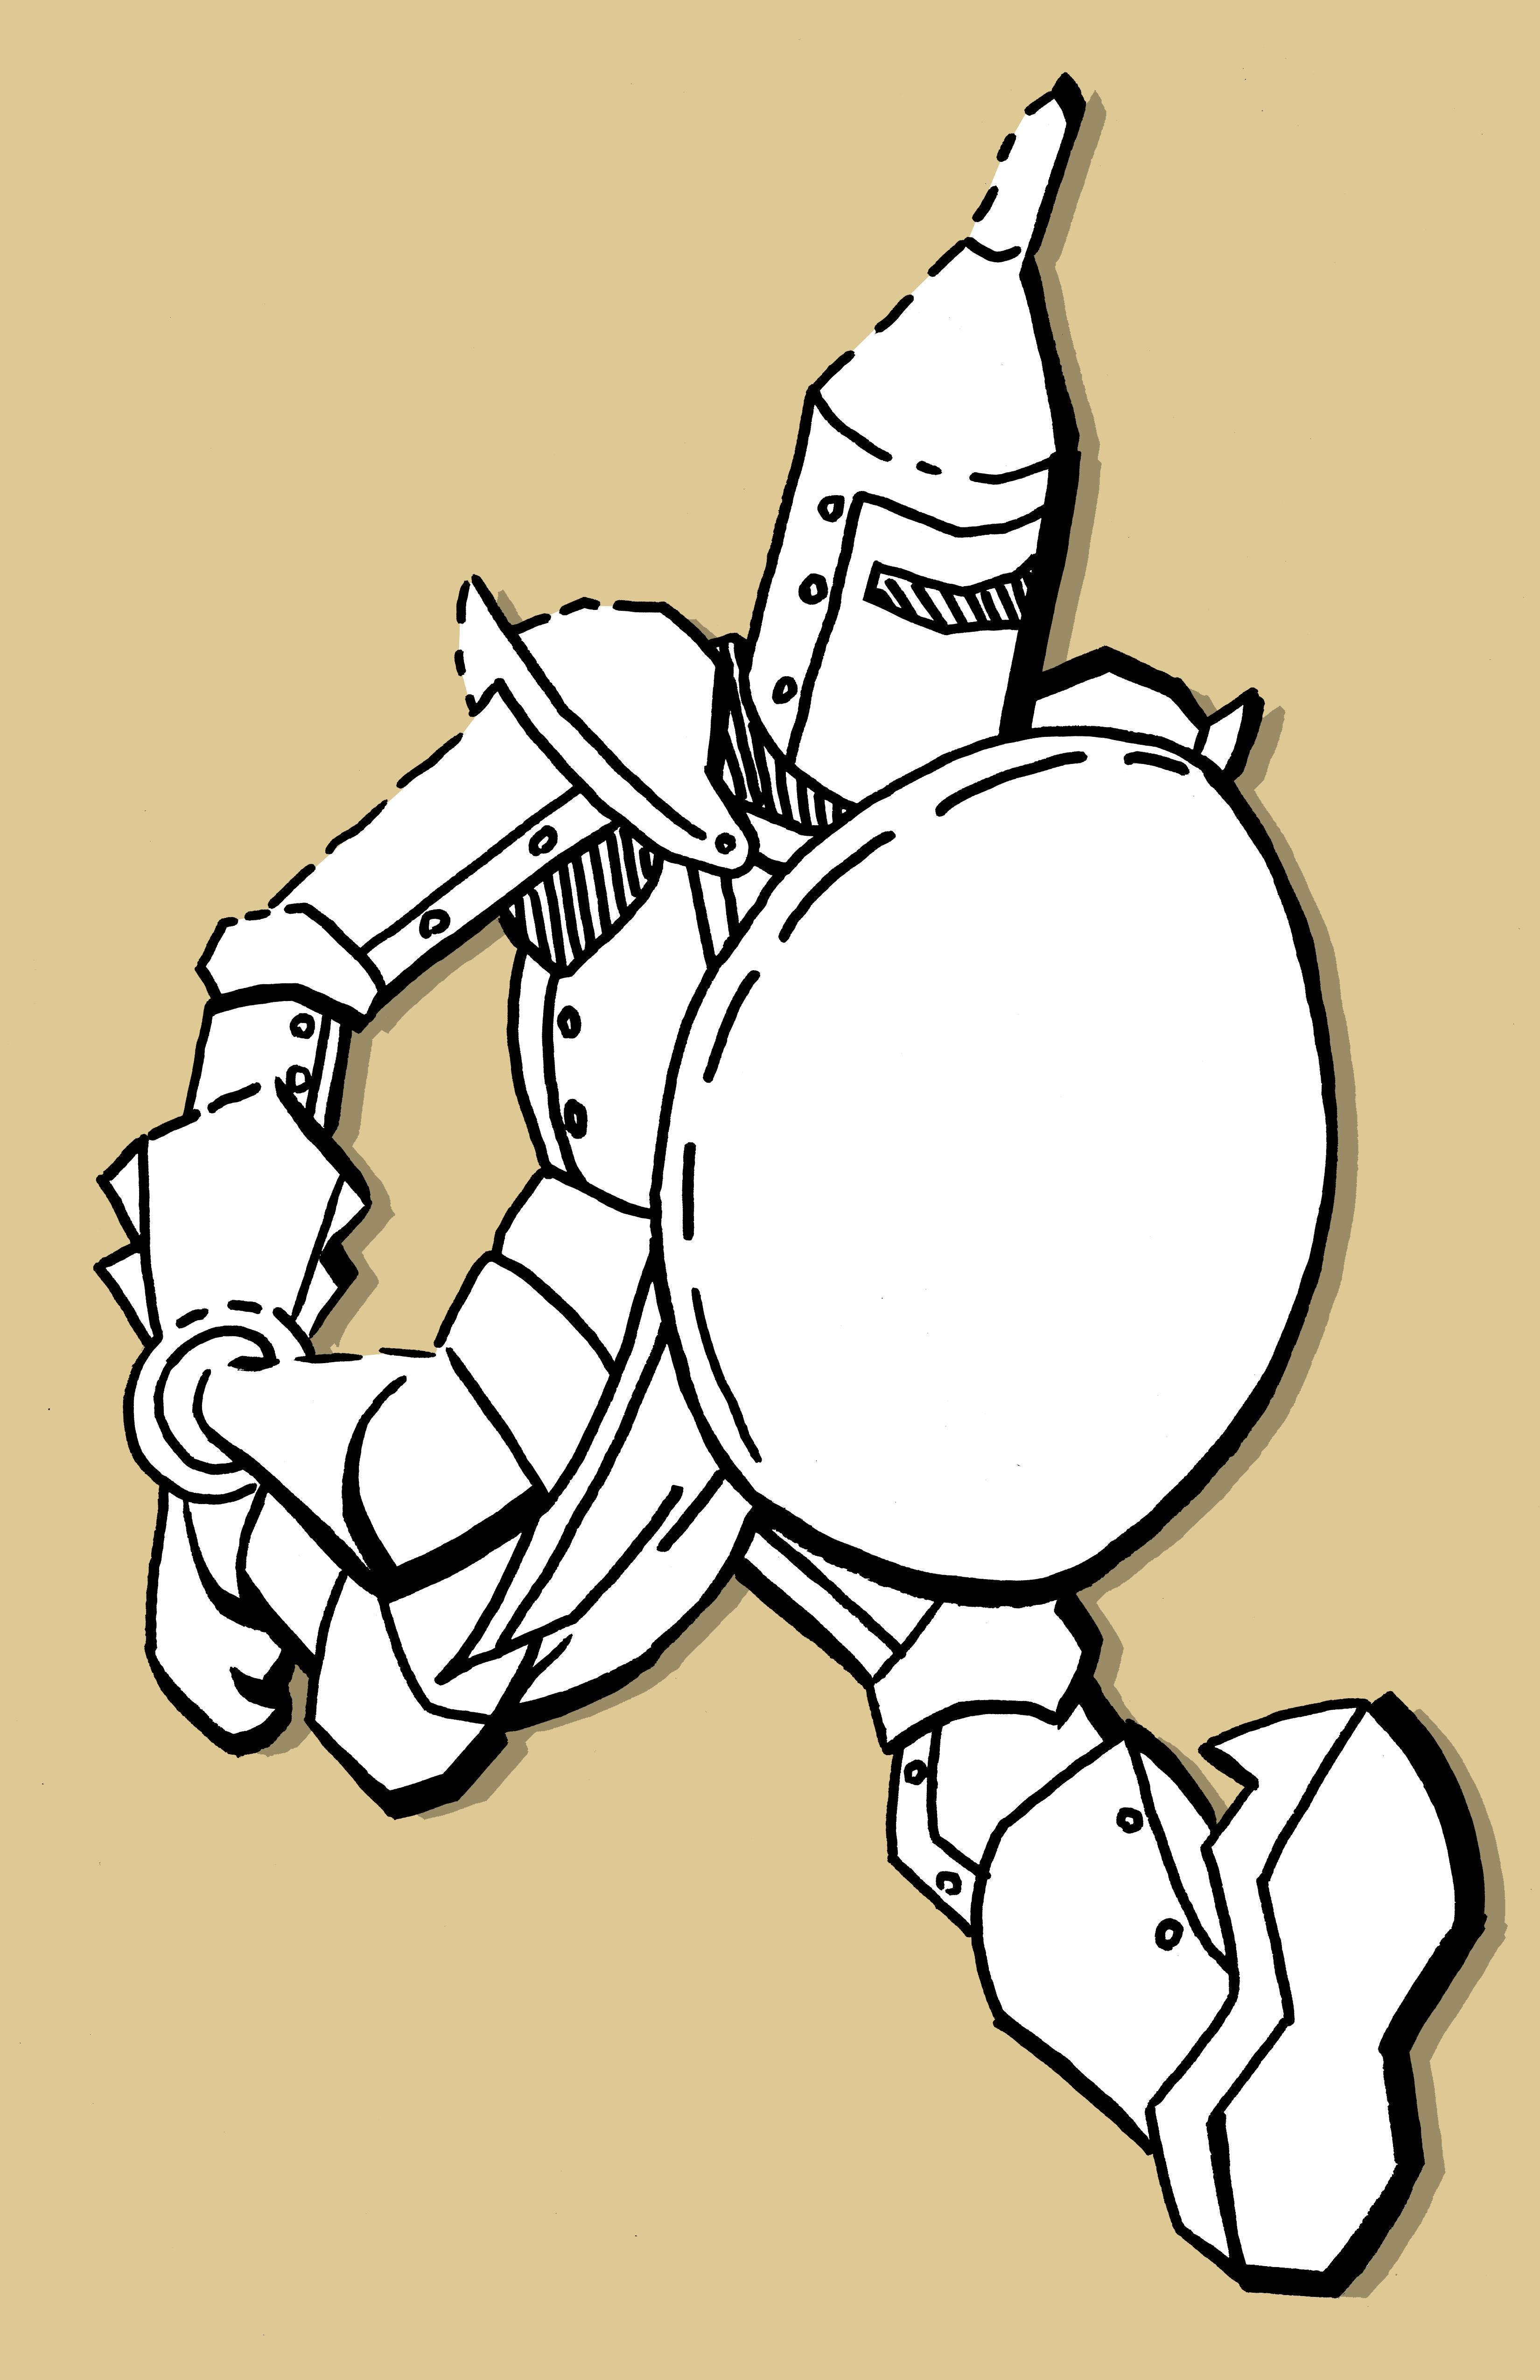 Sir Pinhead